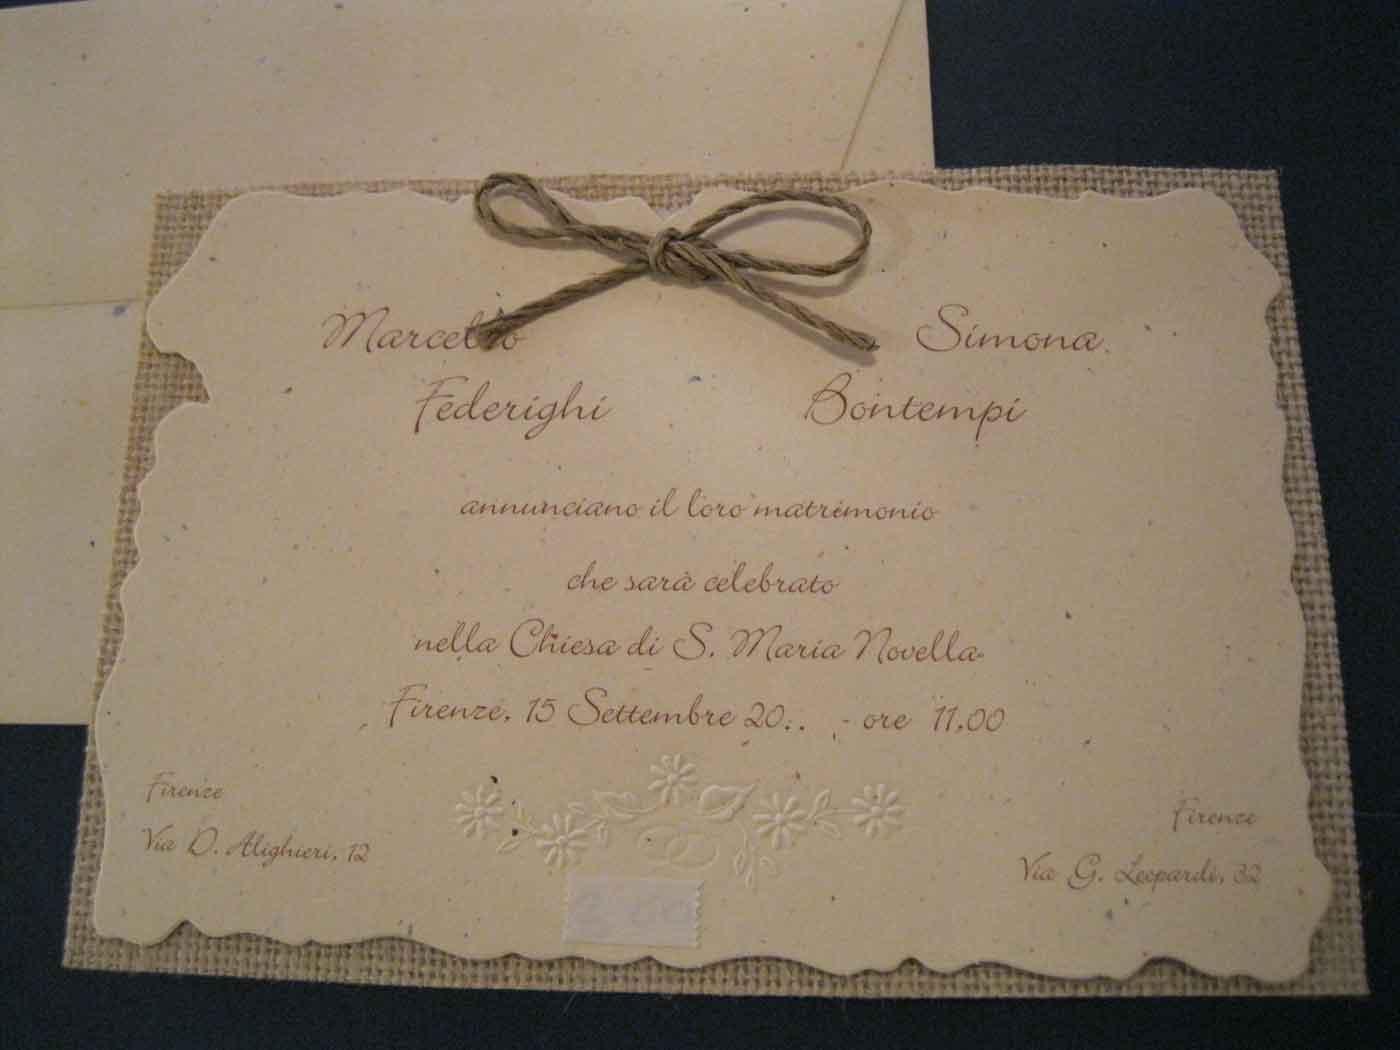 Partecipazioni Matrimonio Senza Busta.Documento Senza Titolo